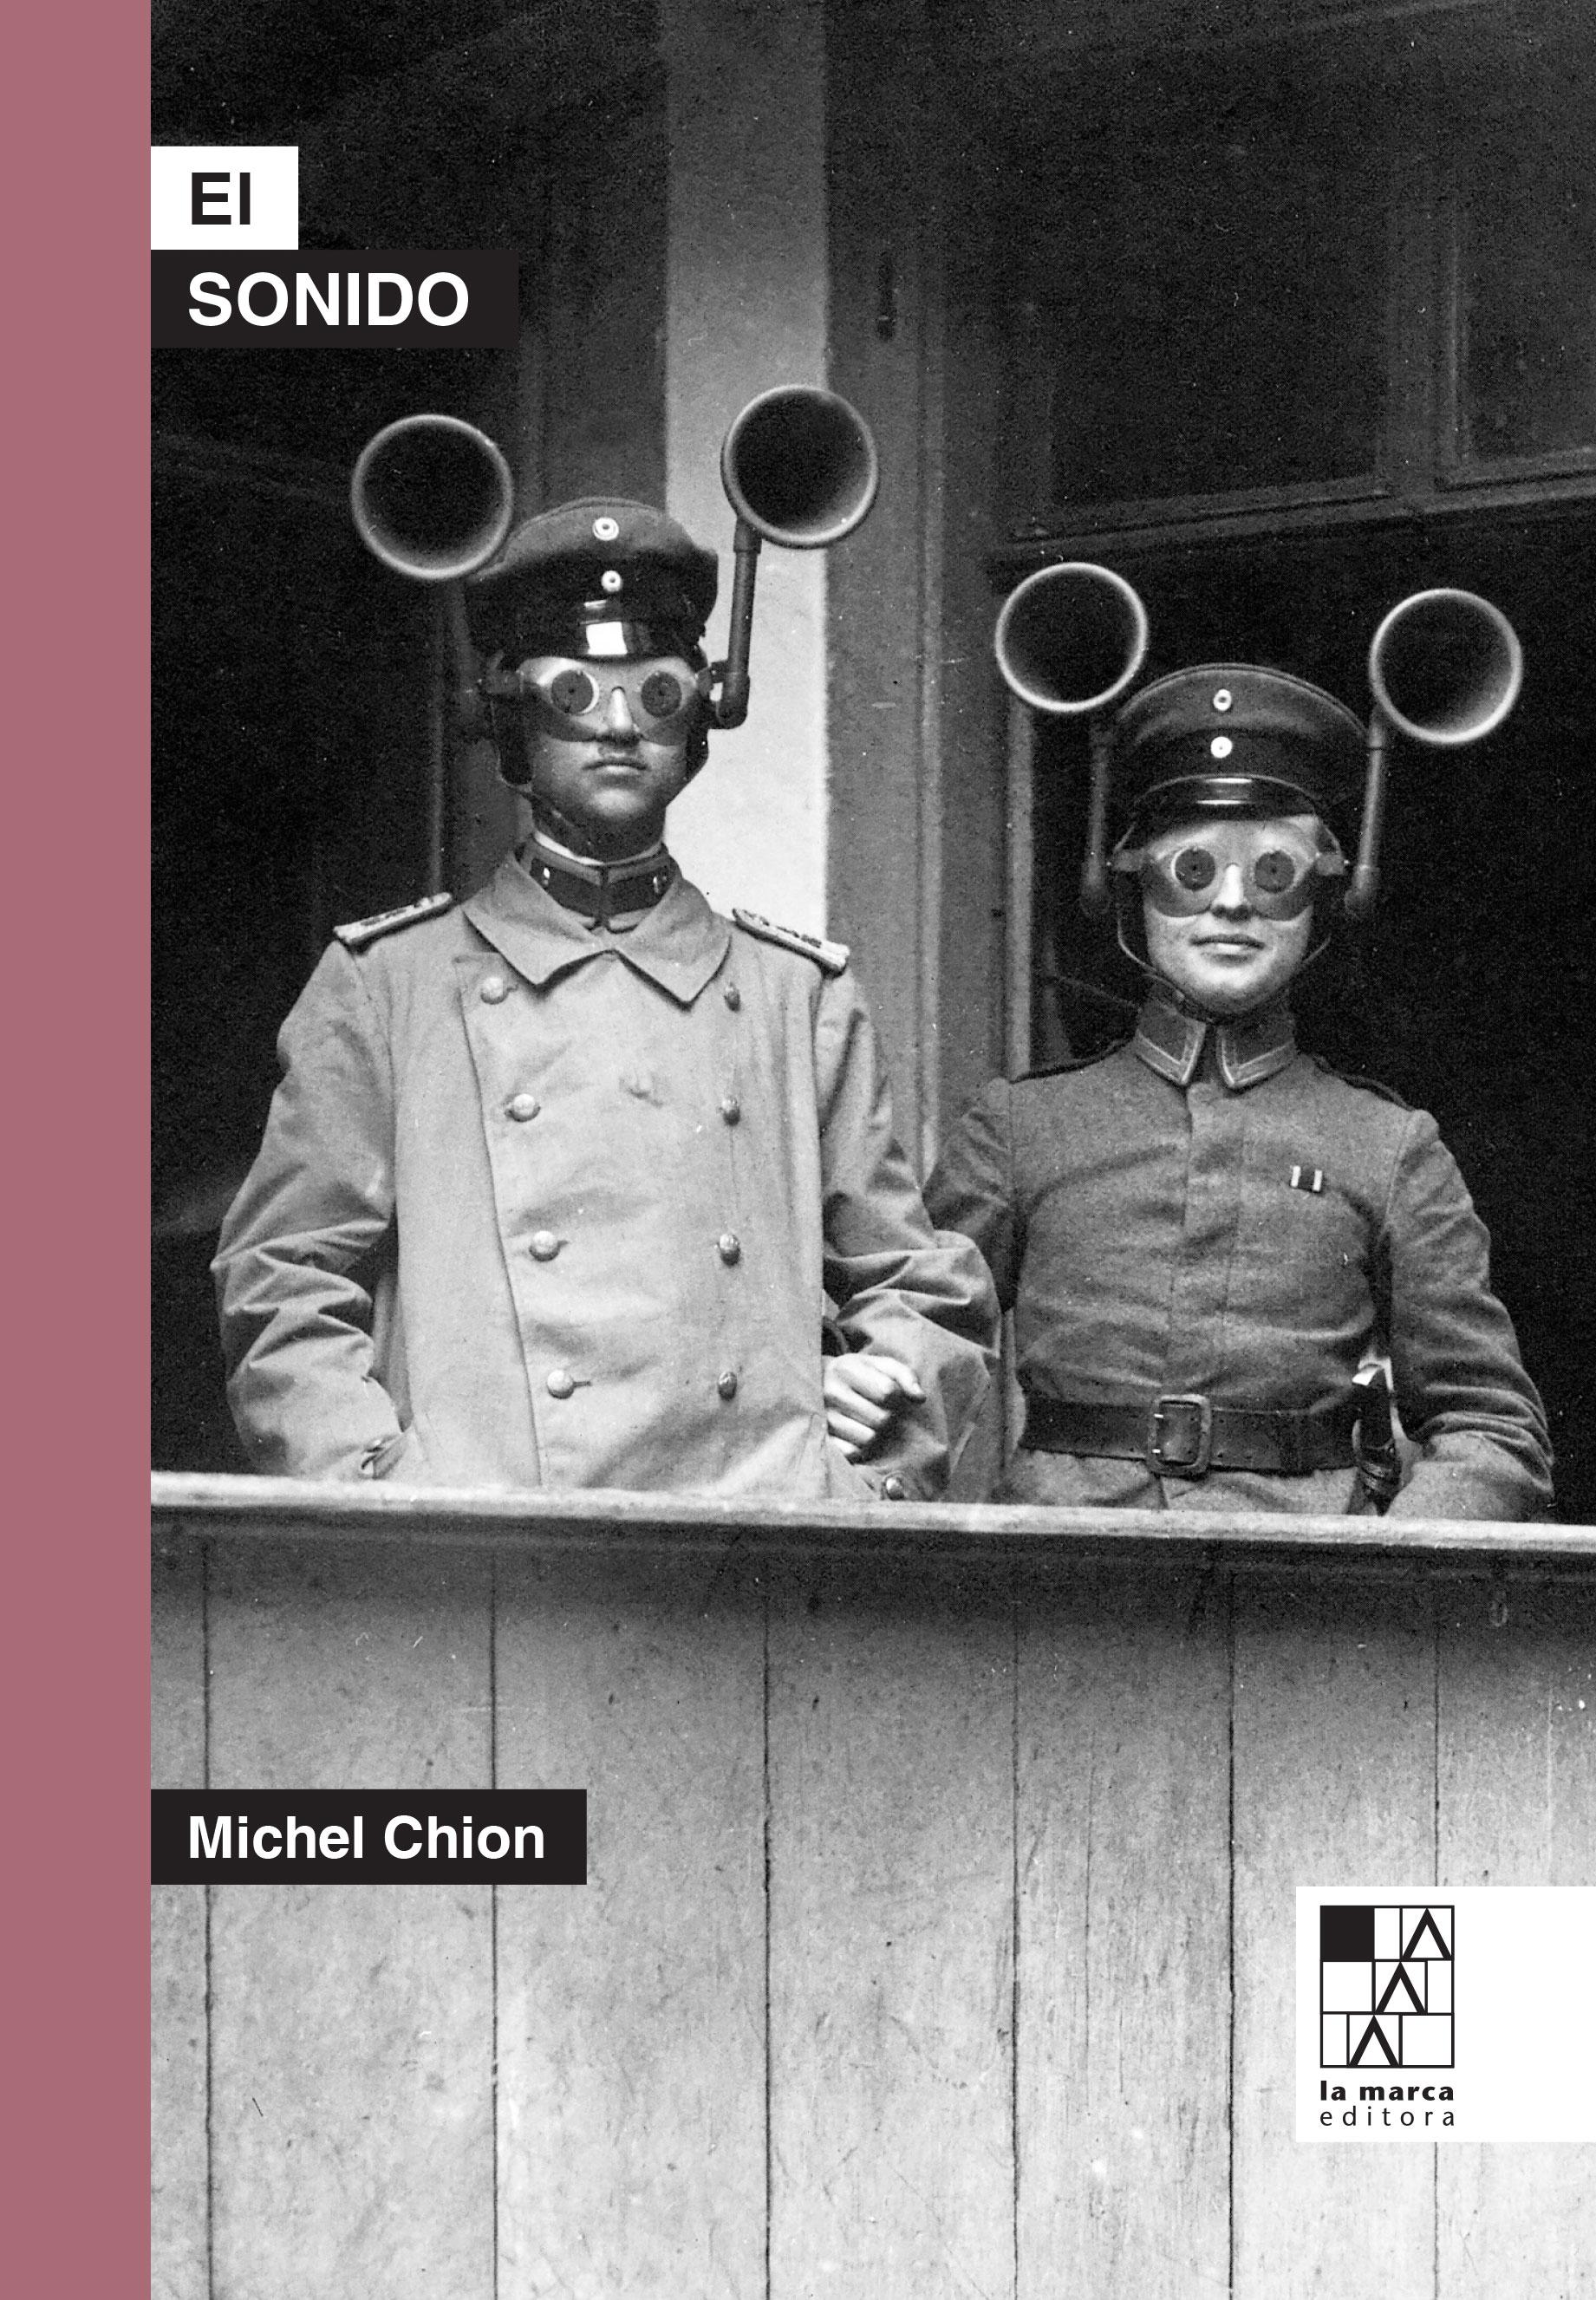 El sonido de Michel Chion - la marca editora